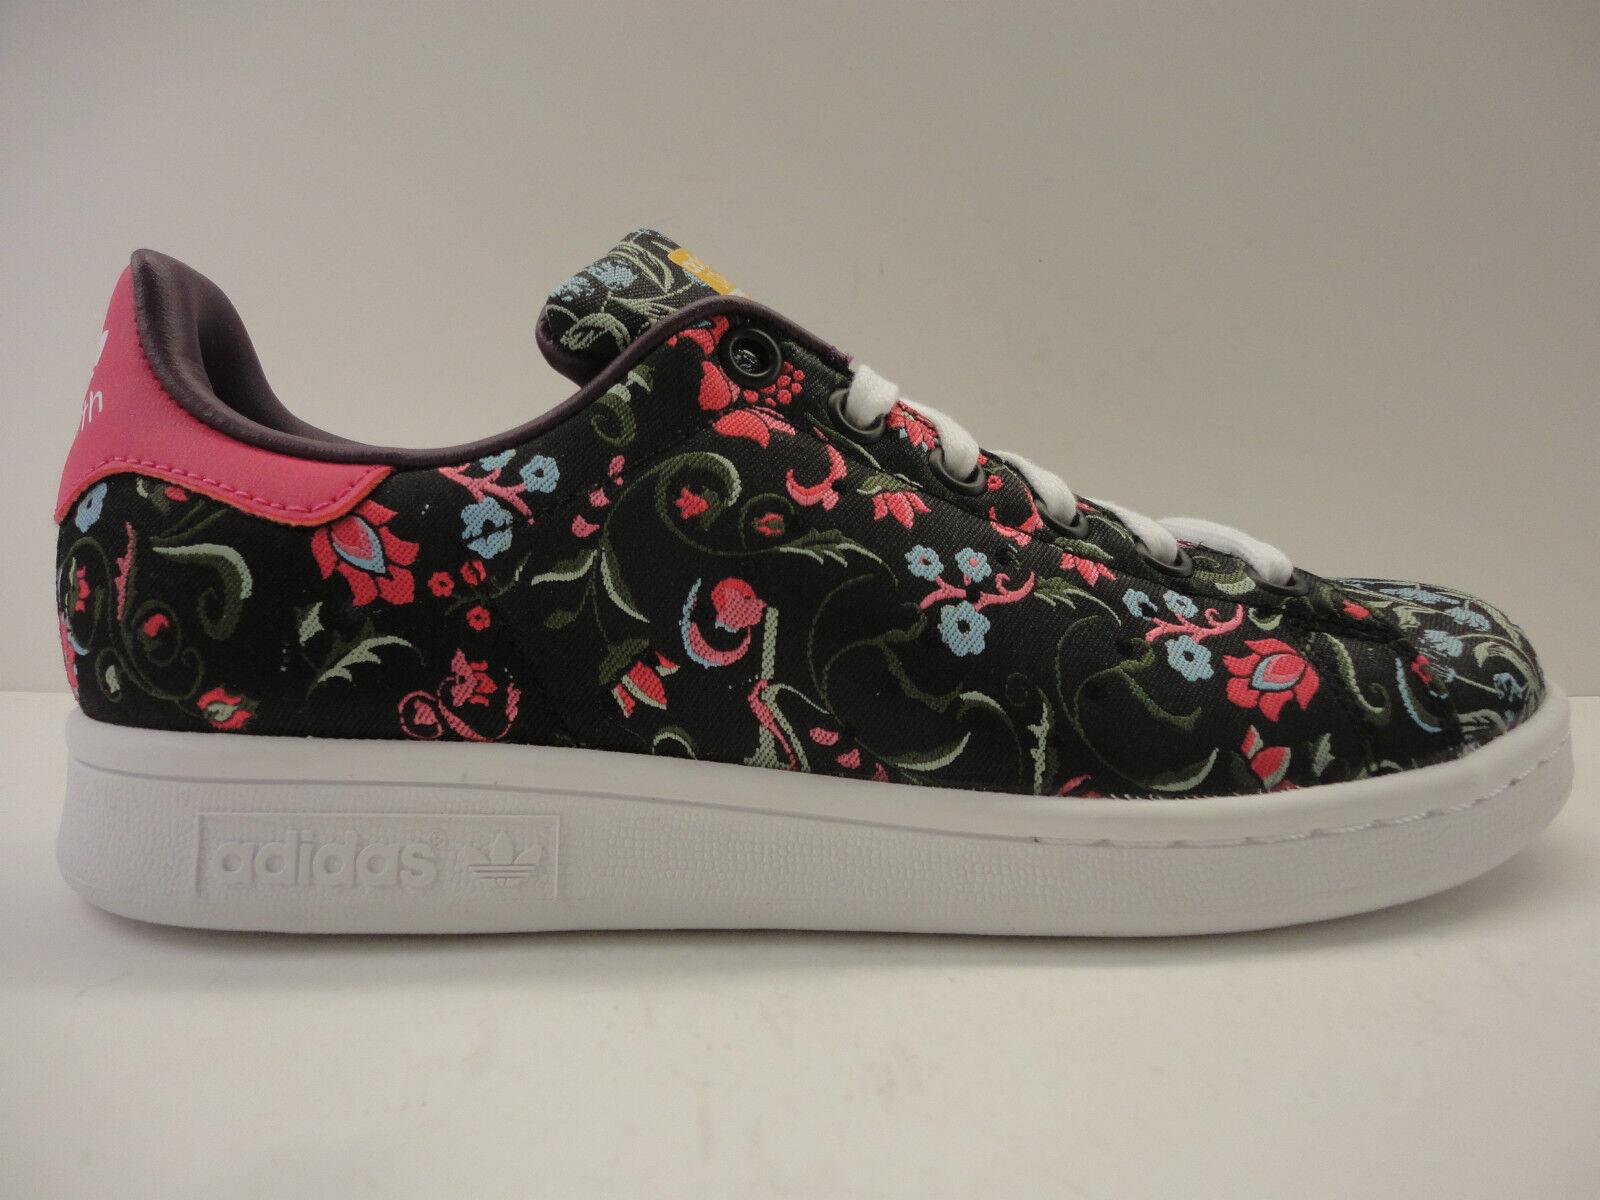 Adidas Stan Smith W Zapatos b77347 stansmith señora Zapatos W señora stansmith abf850 94192d